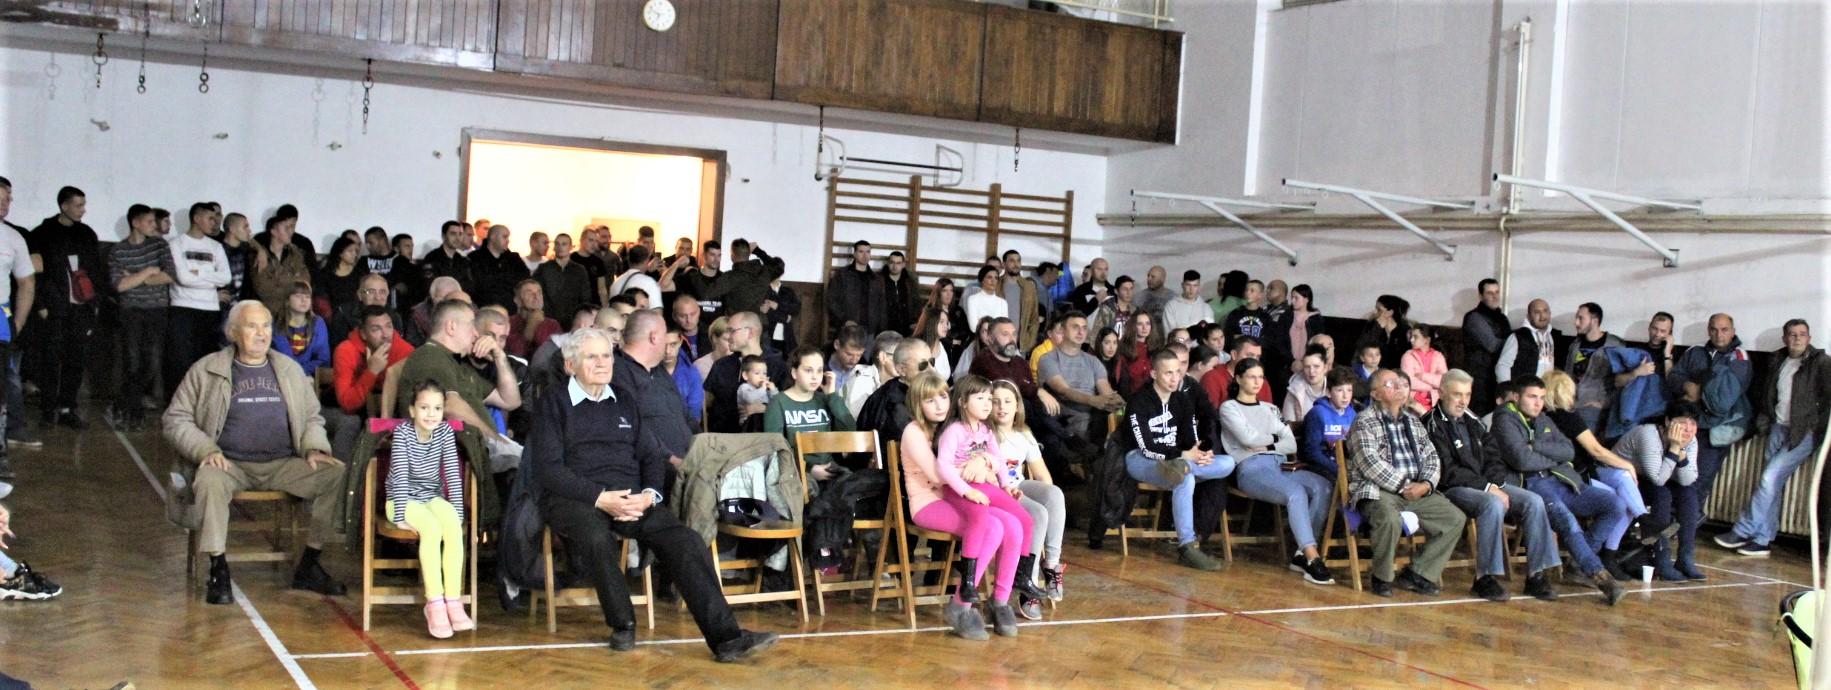 Bečejska publika voli boks